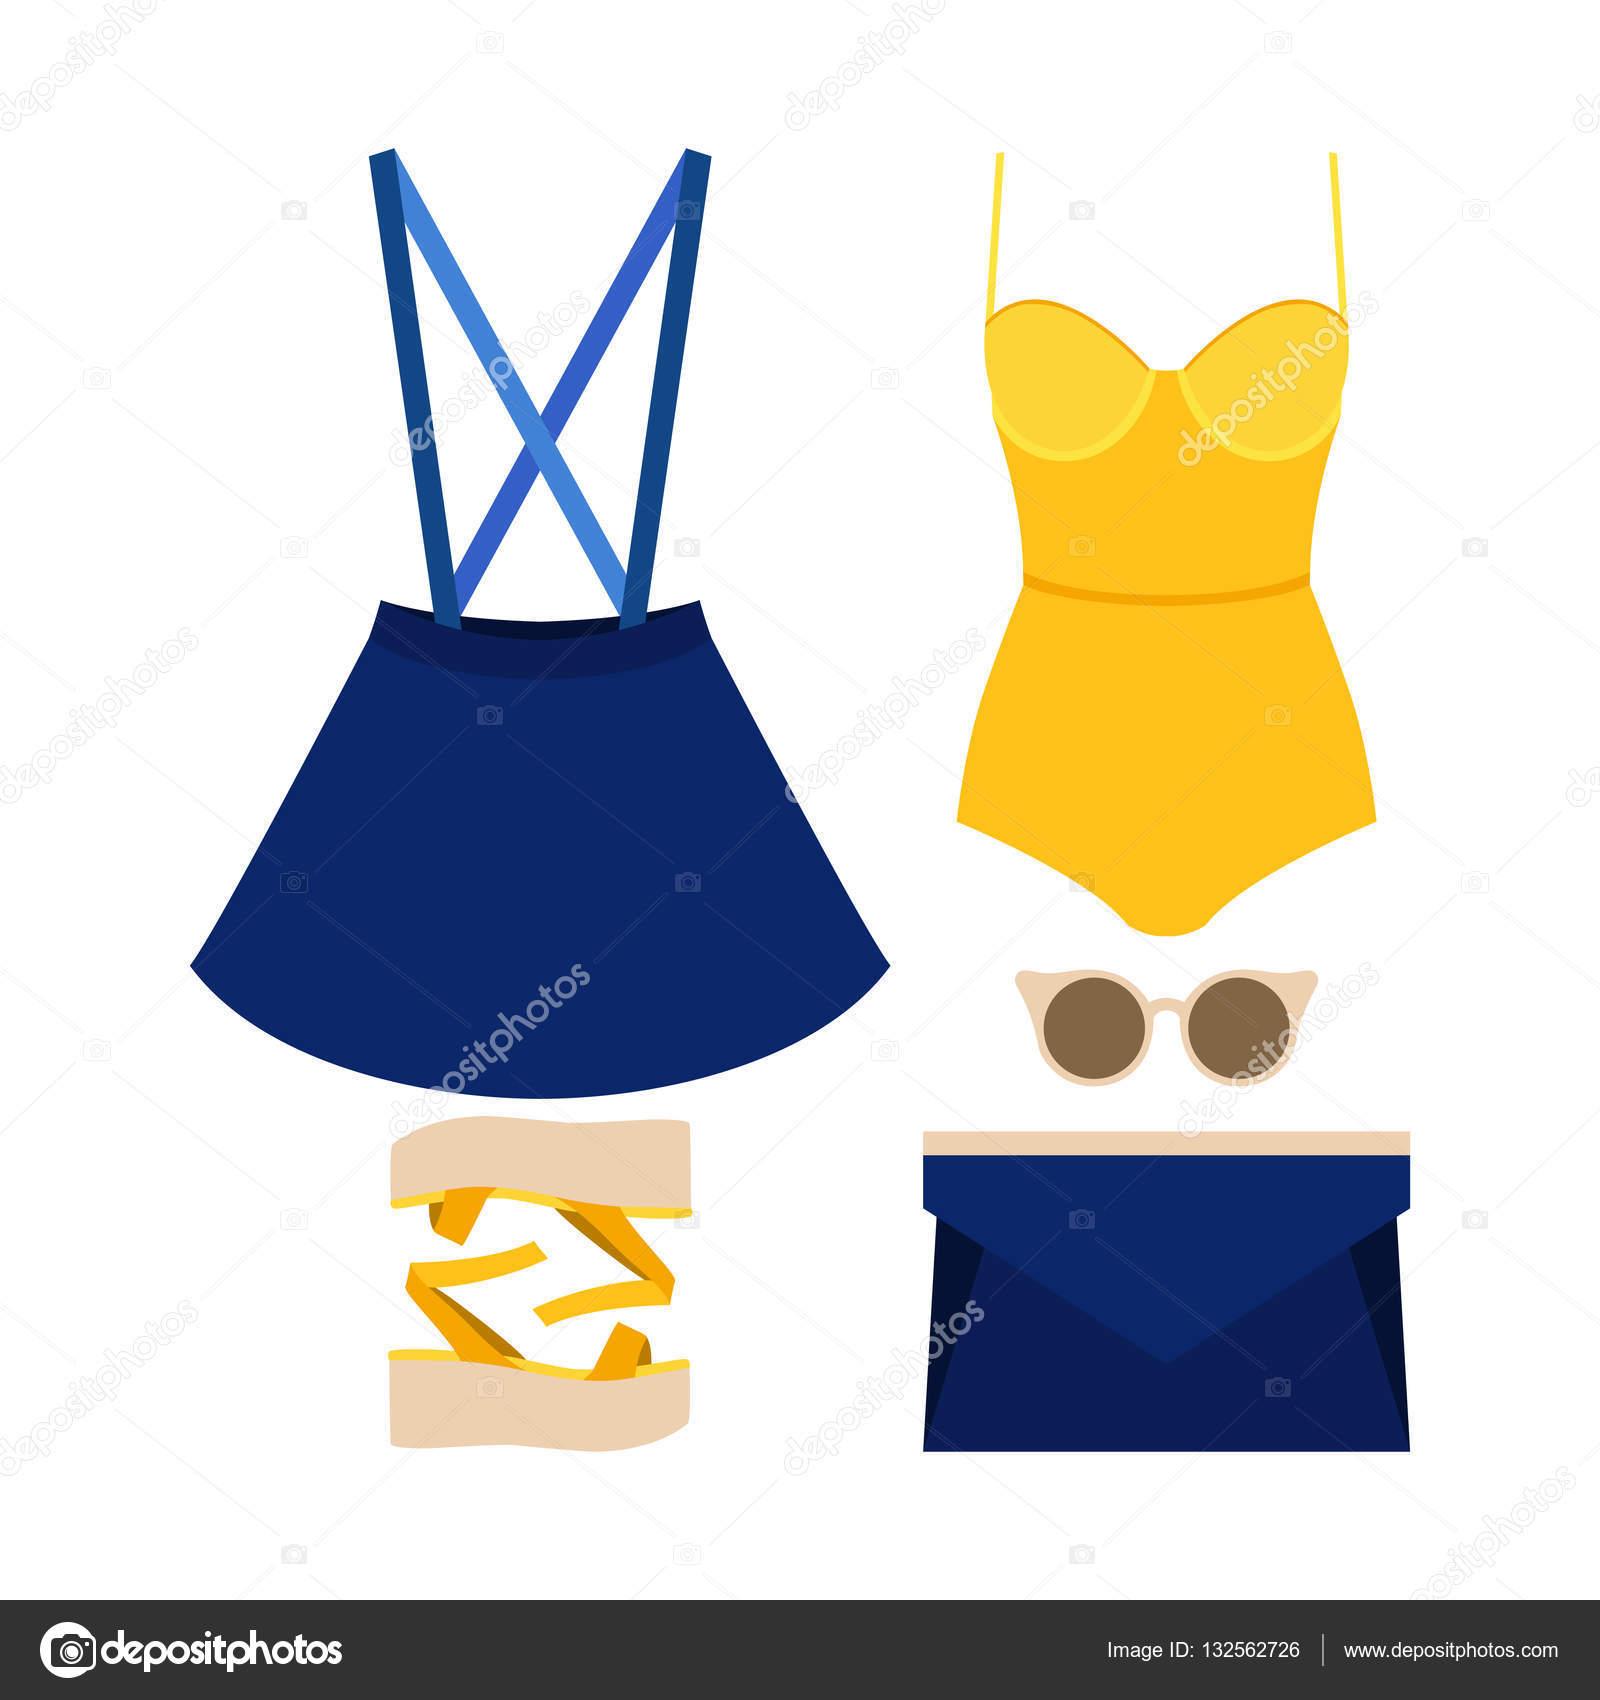 6ace47e0f9c Σετ μοντέρνα γυναικεία ρούχα με φούστα, κορμάκι και αξεσουάρ. Εικονογράφηση  διάνυσμα — Διάνυσμα με ...